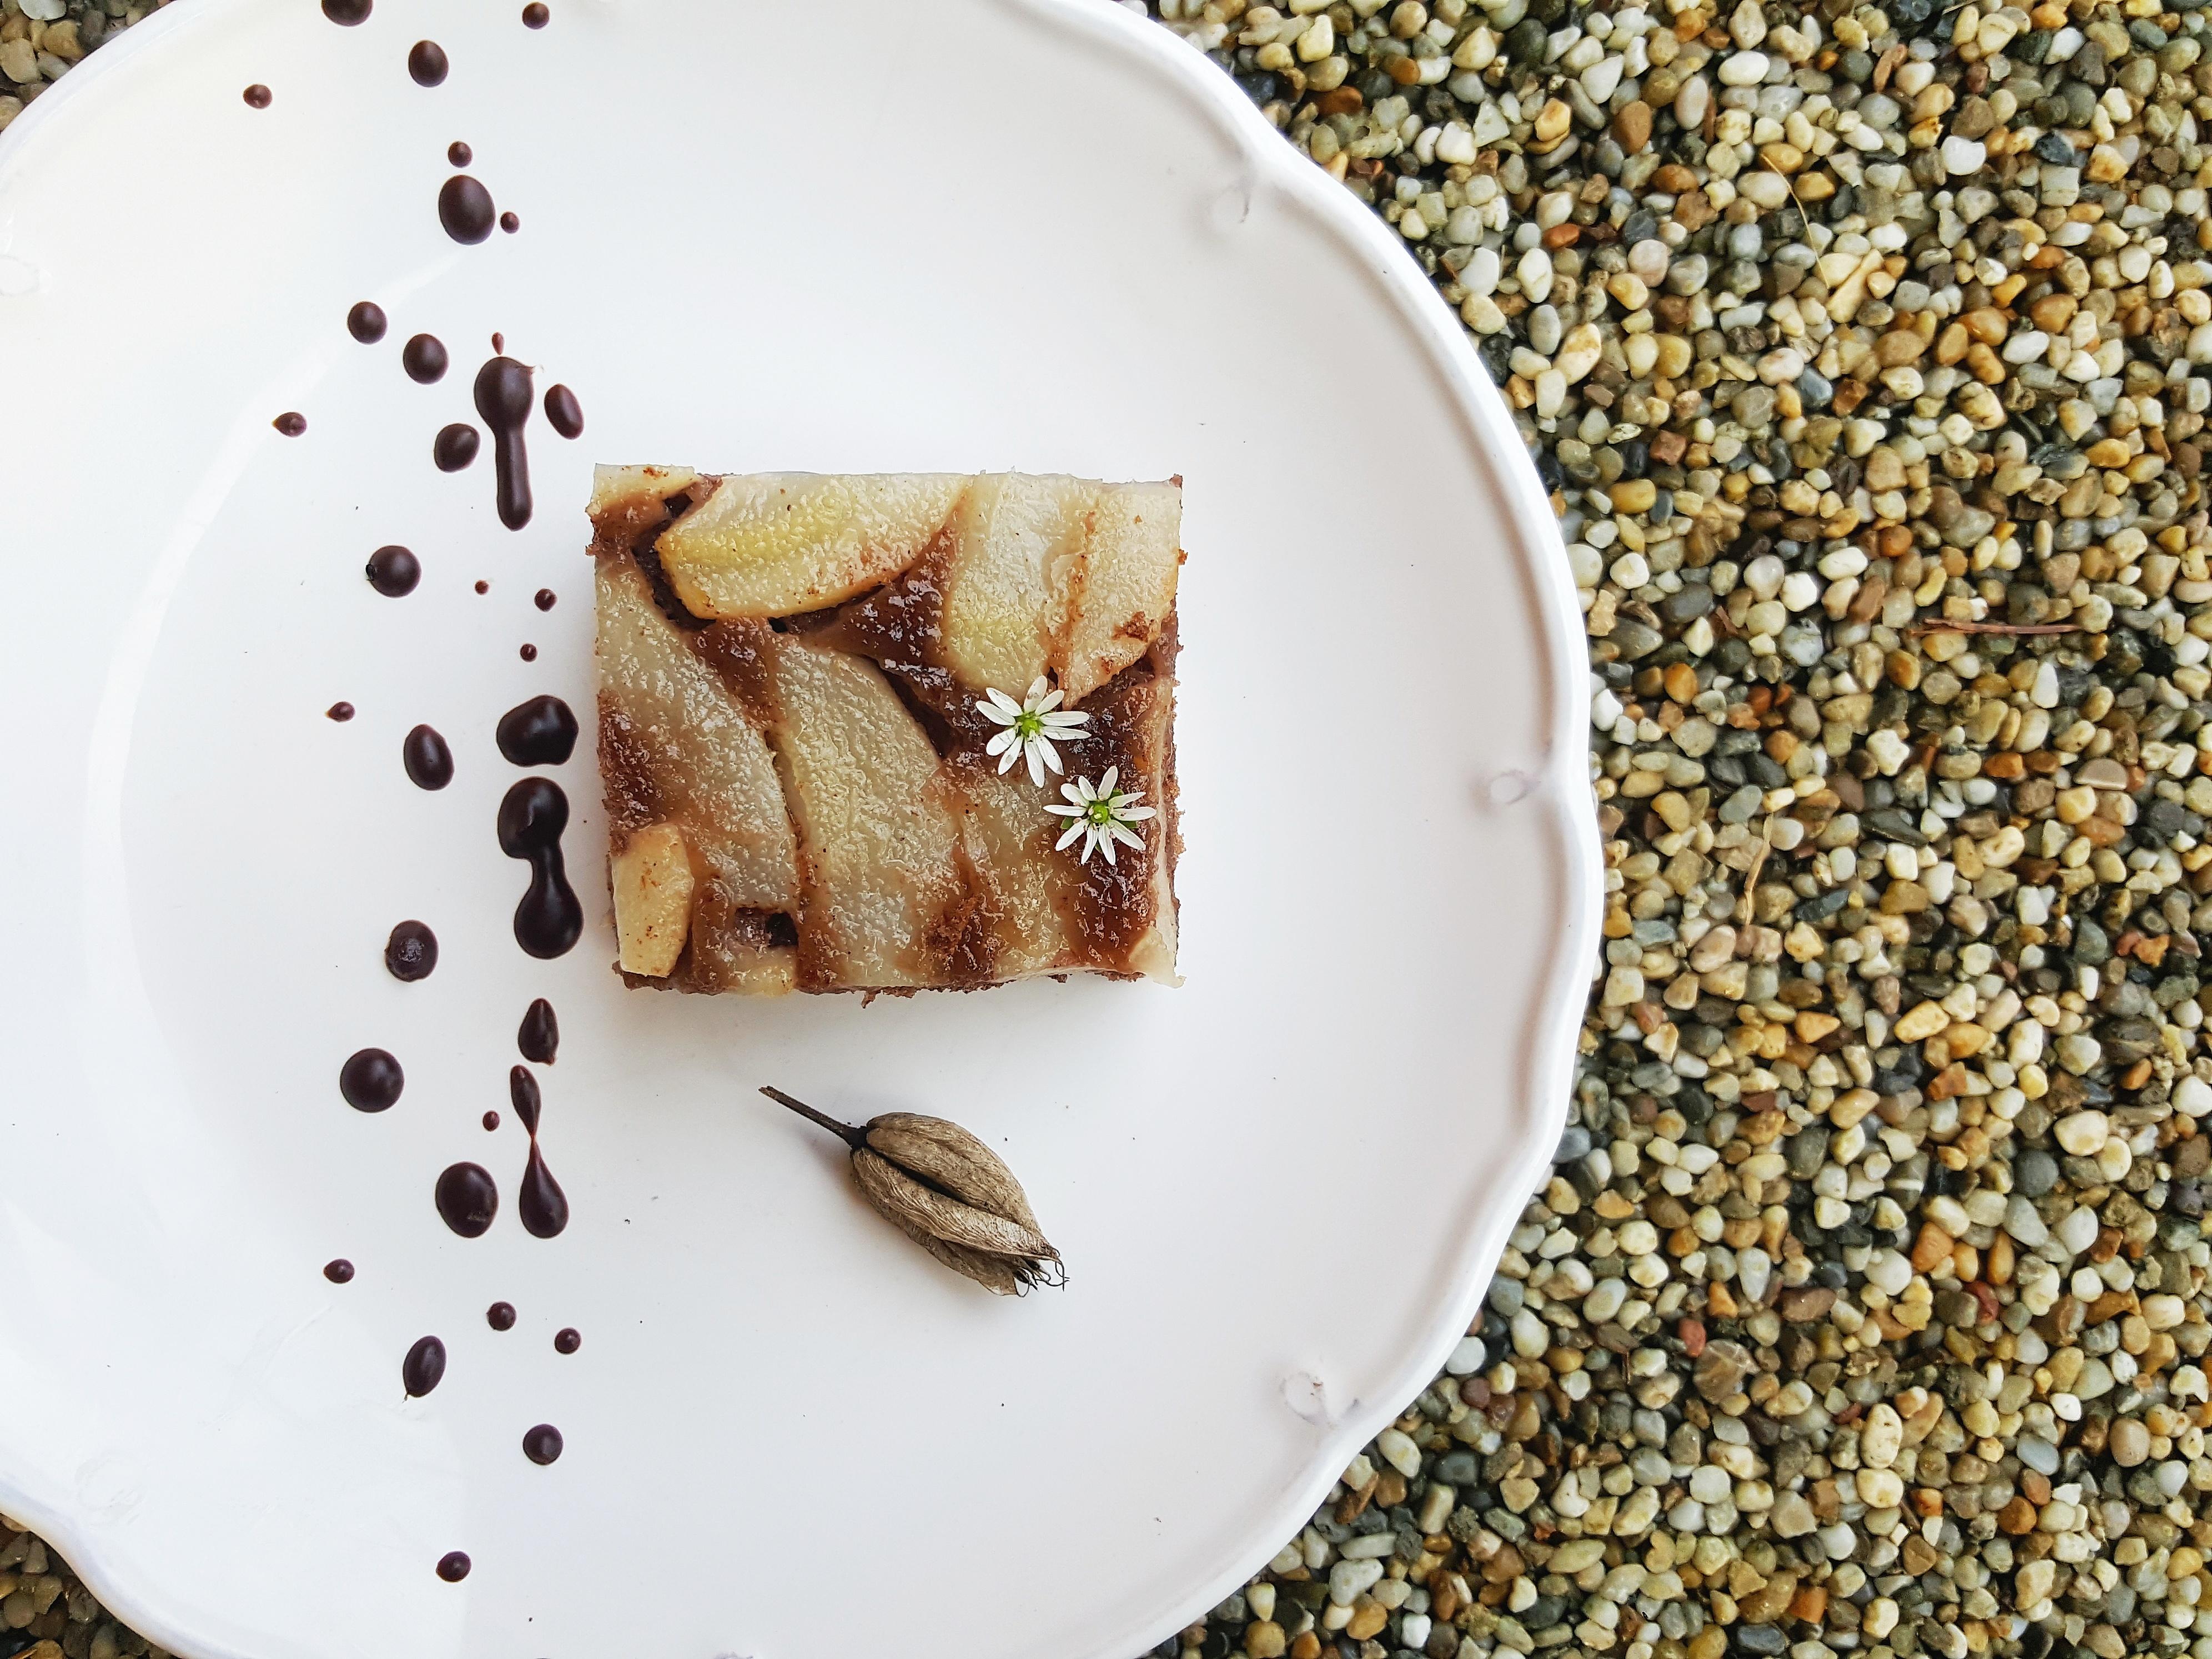 Objav pravú chuť jesene s obráteným hruškovým koláčom